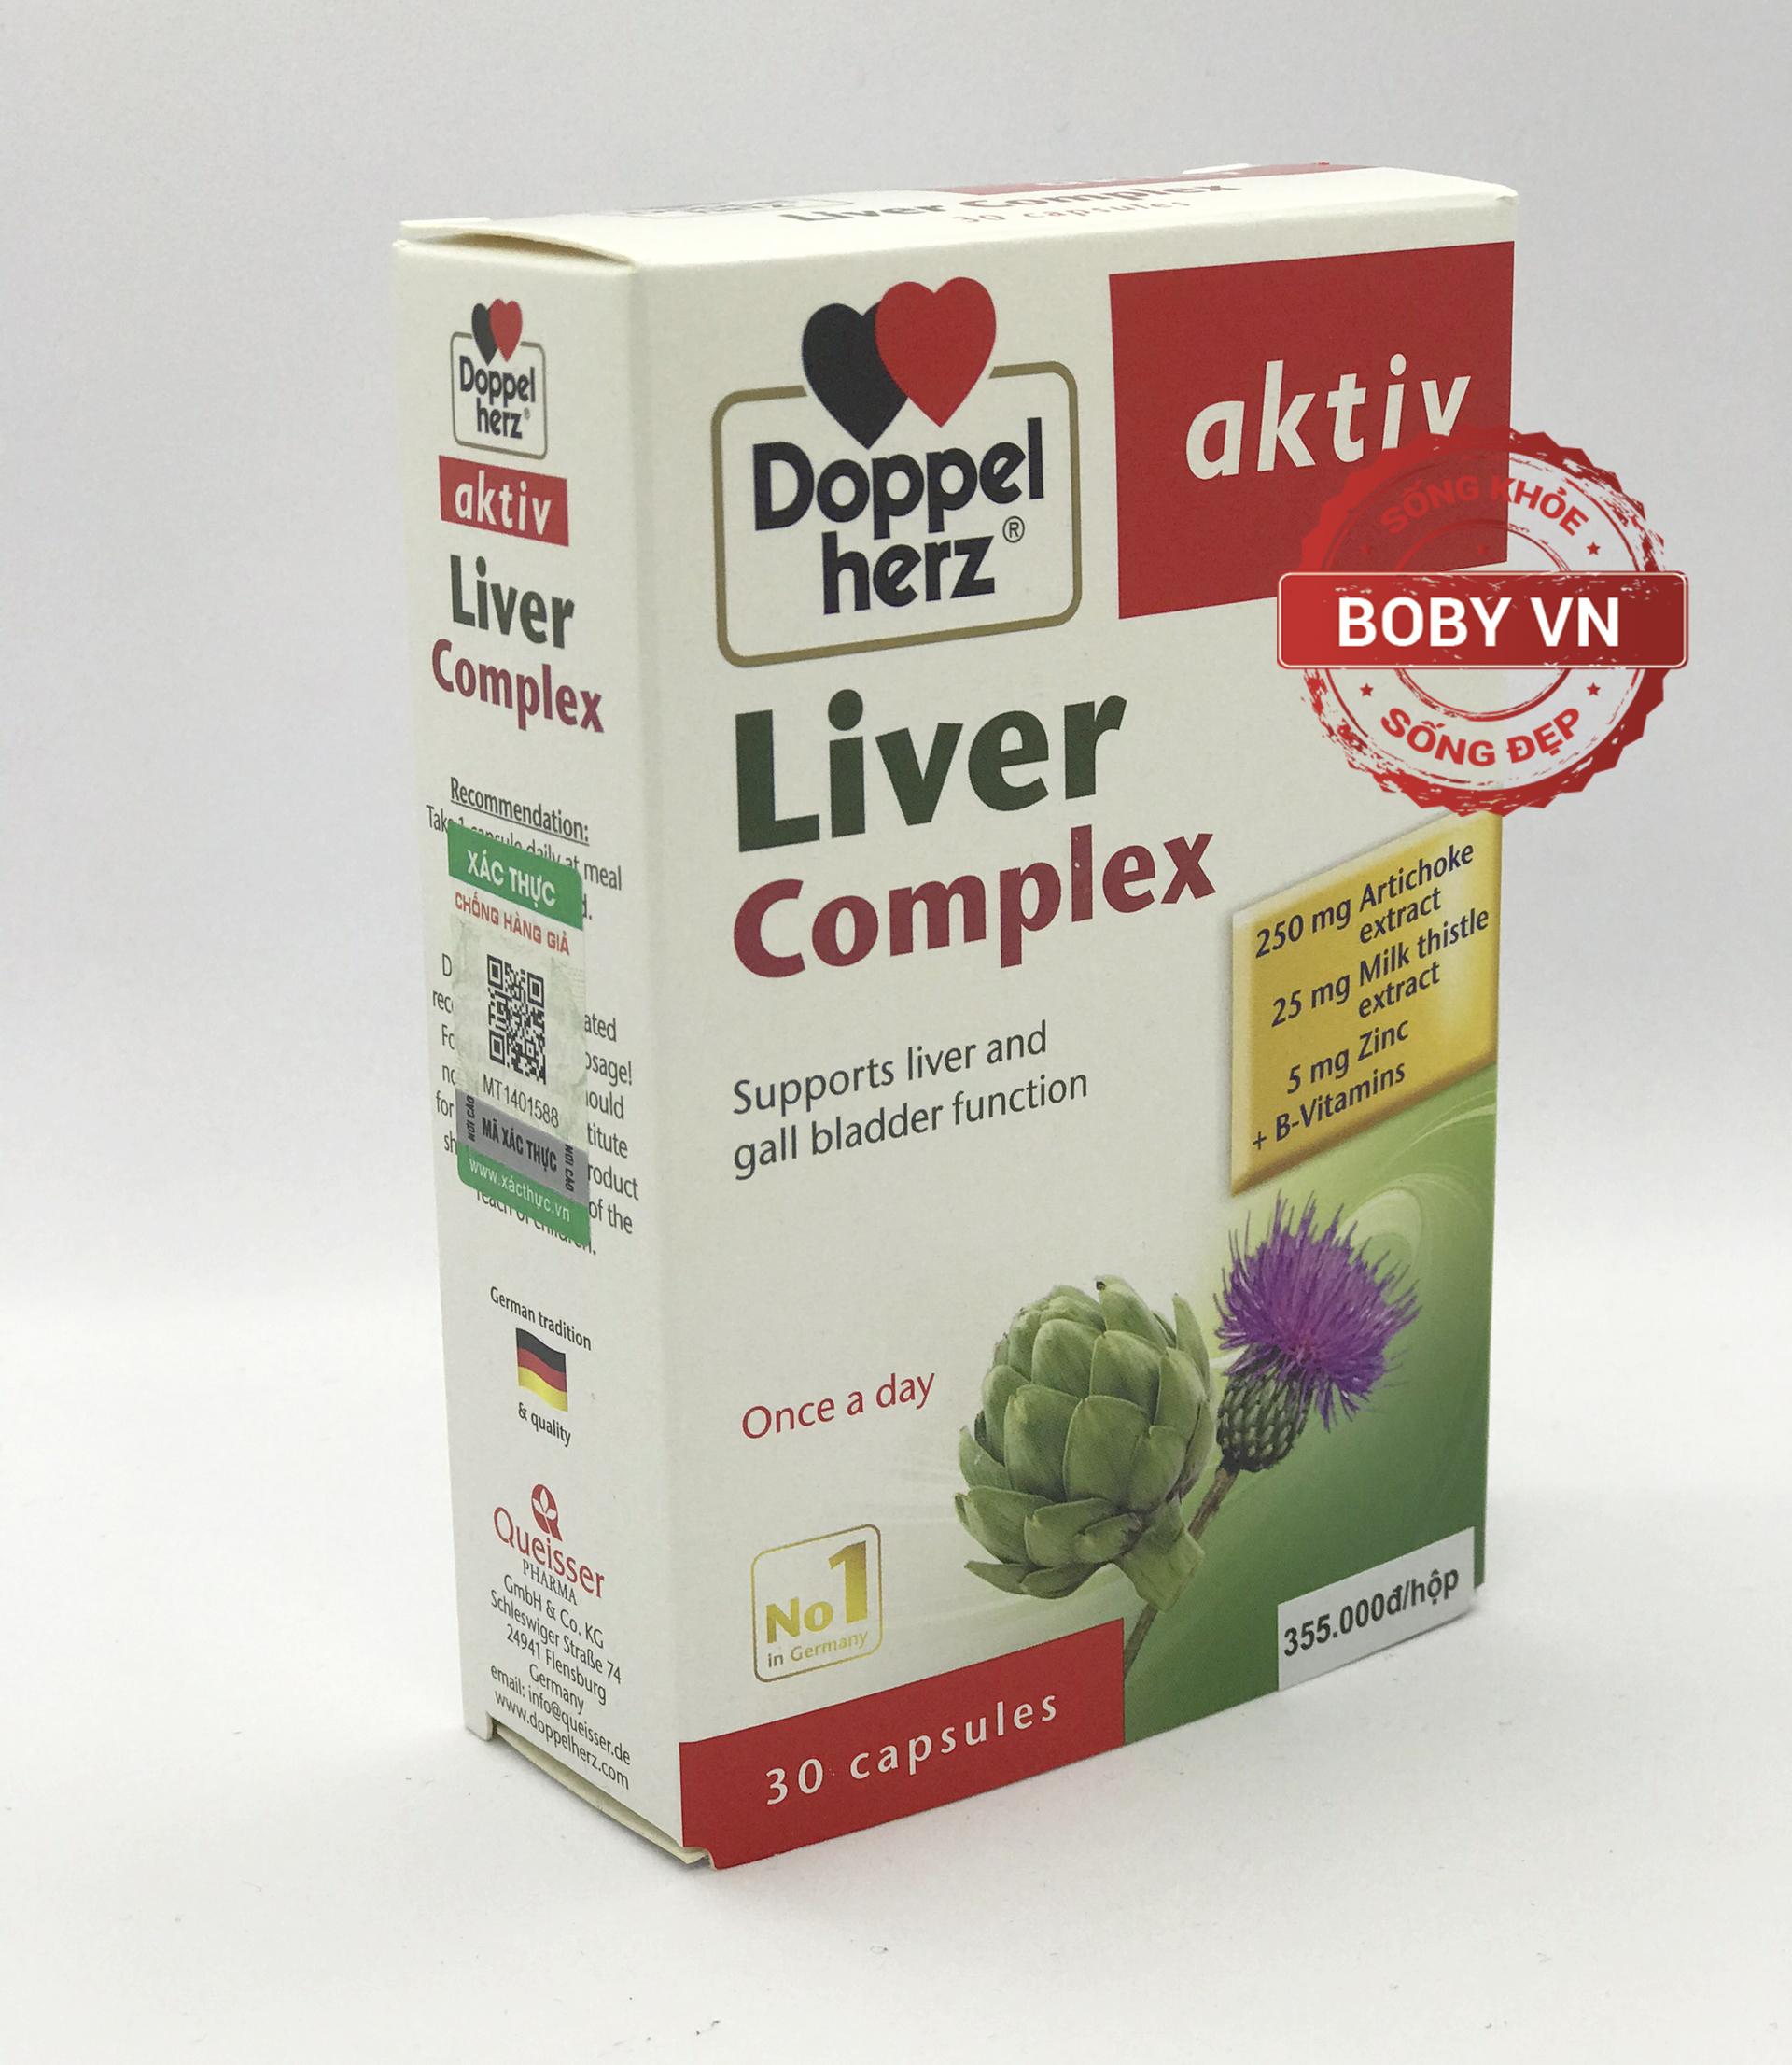 Doppel herz Aktiv Liver Complex hỗ trợ giải độc tăng cường chức năng gan